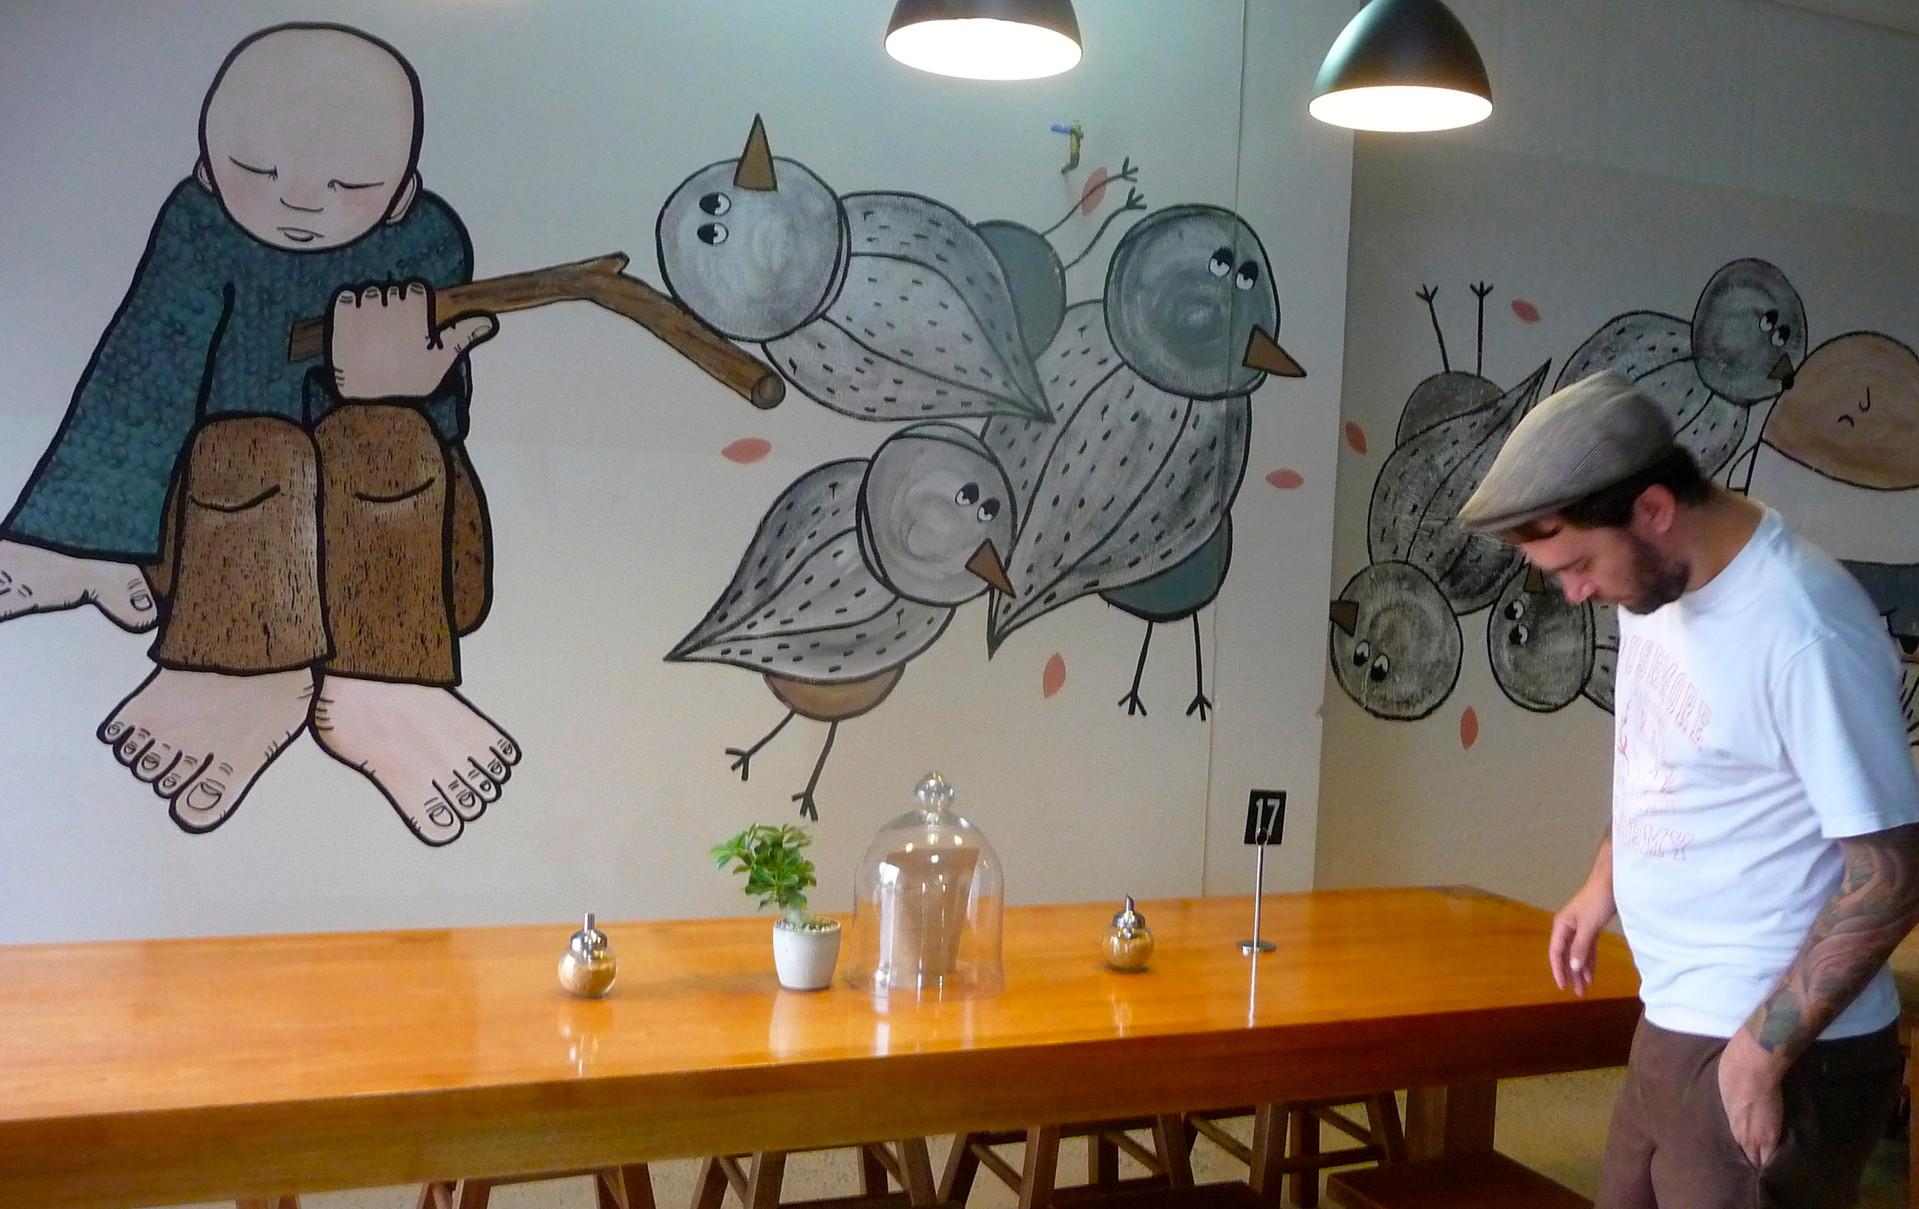 Bills Beans (mural)